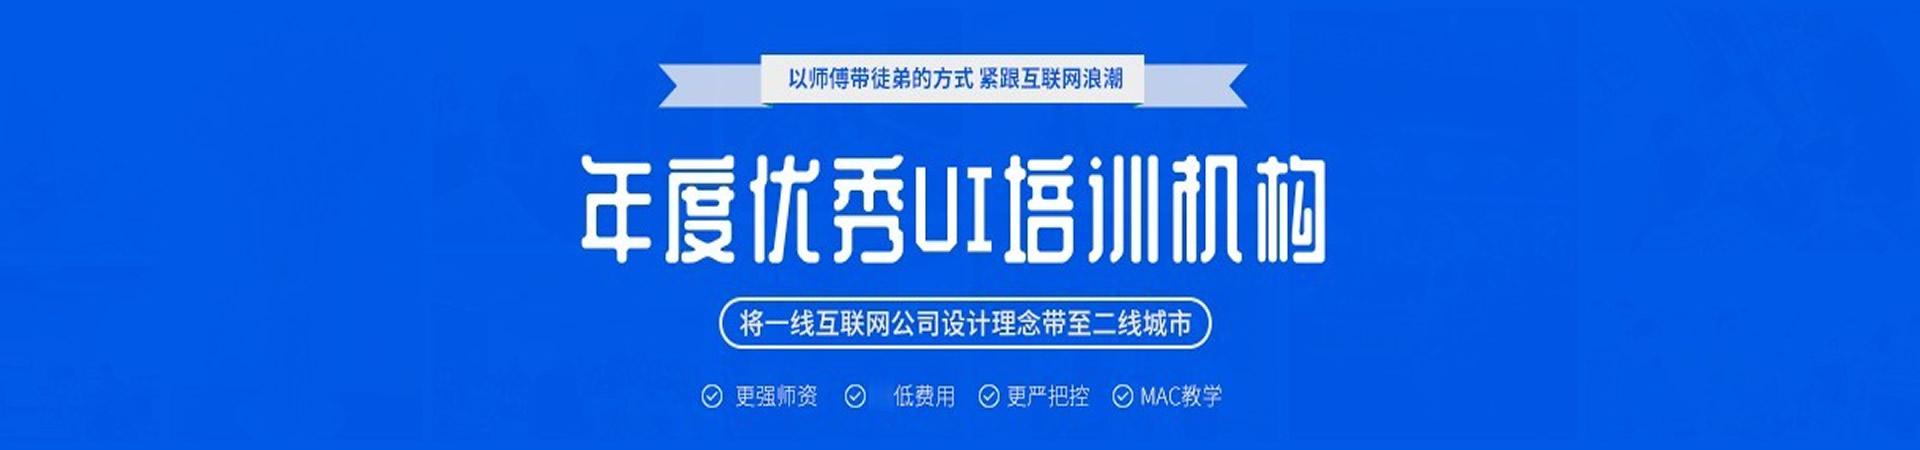 郑州新像素教育